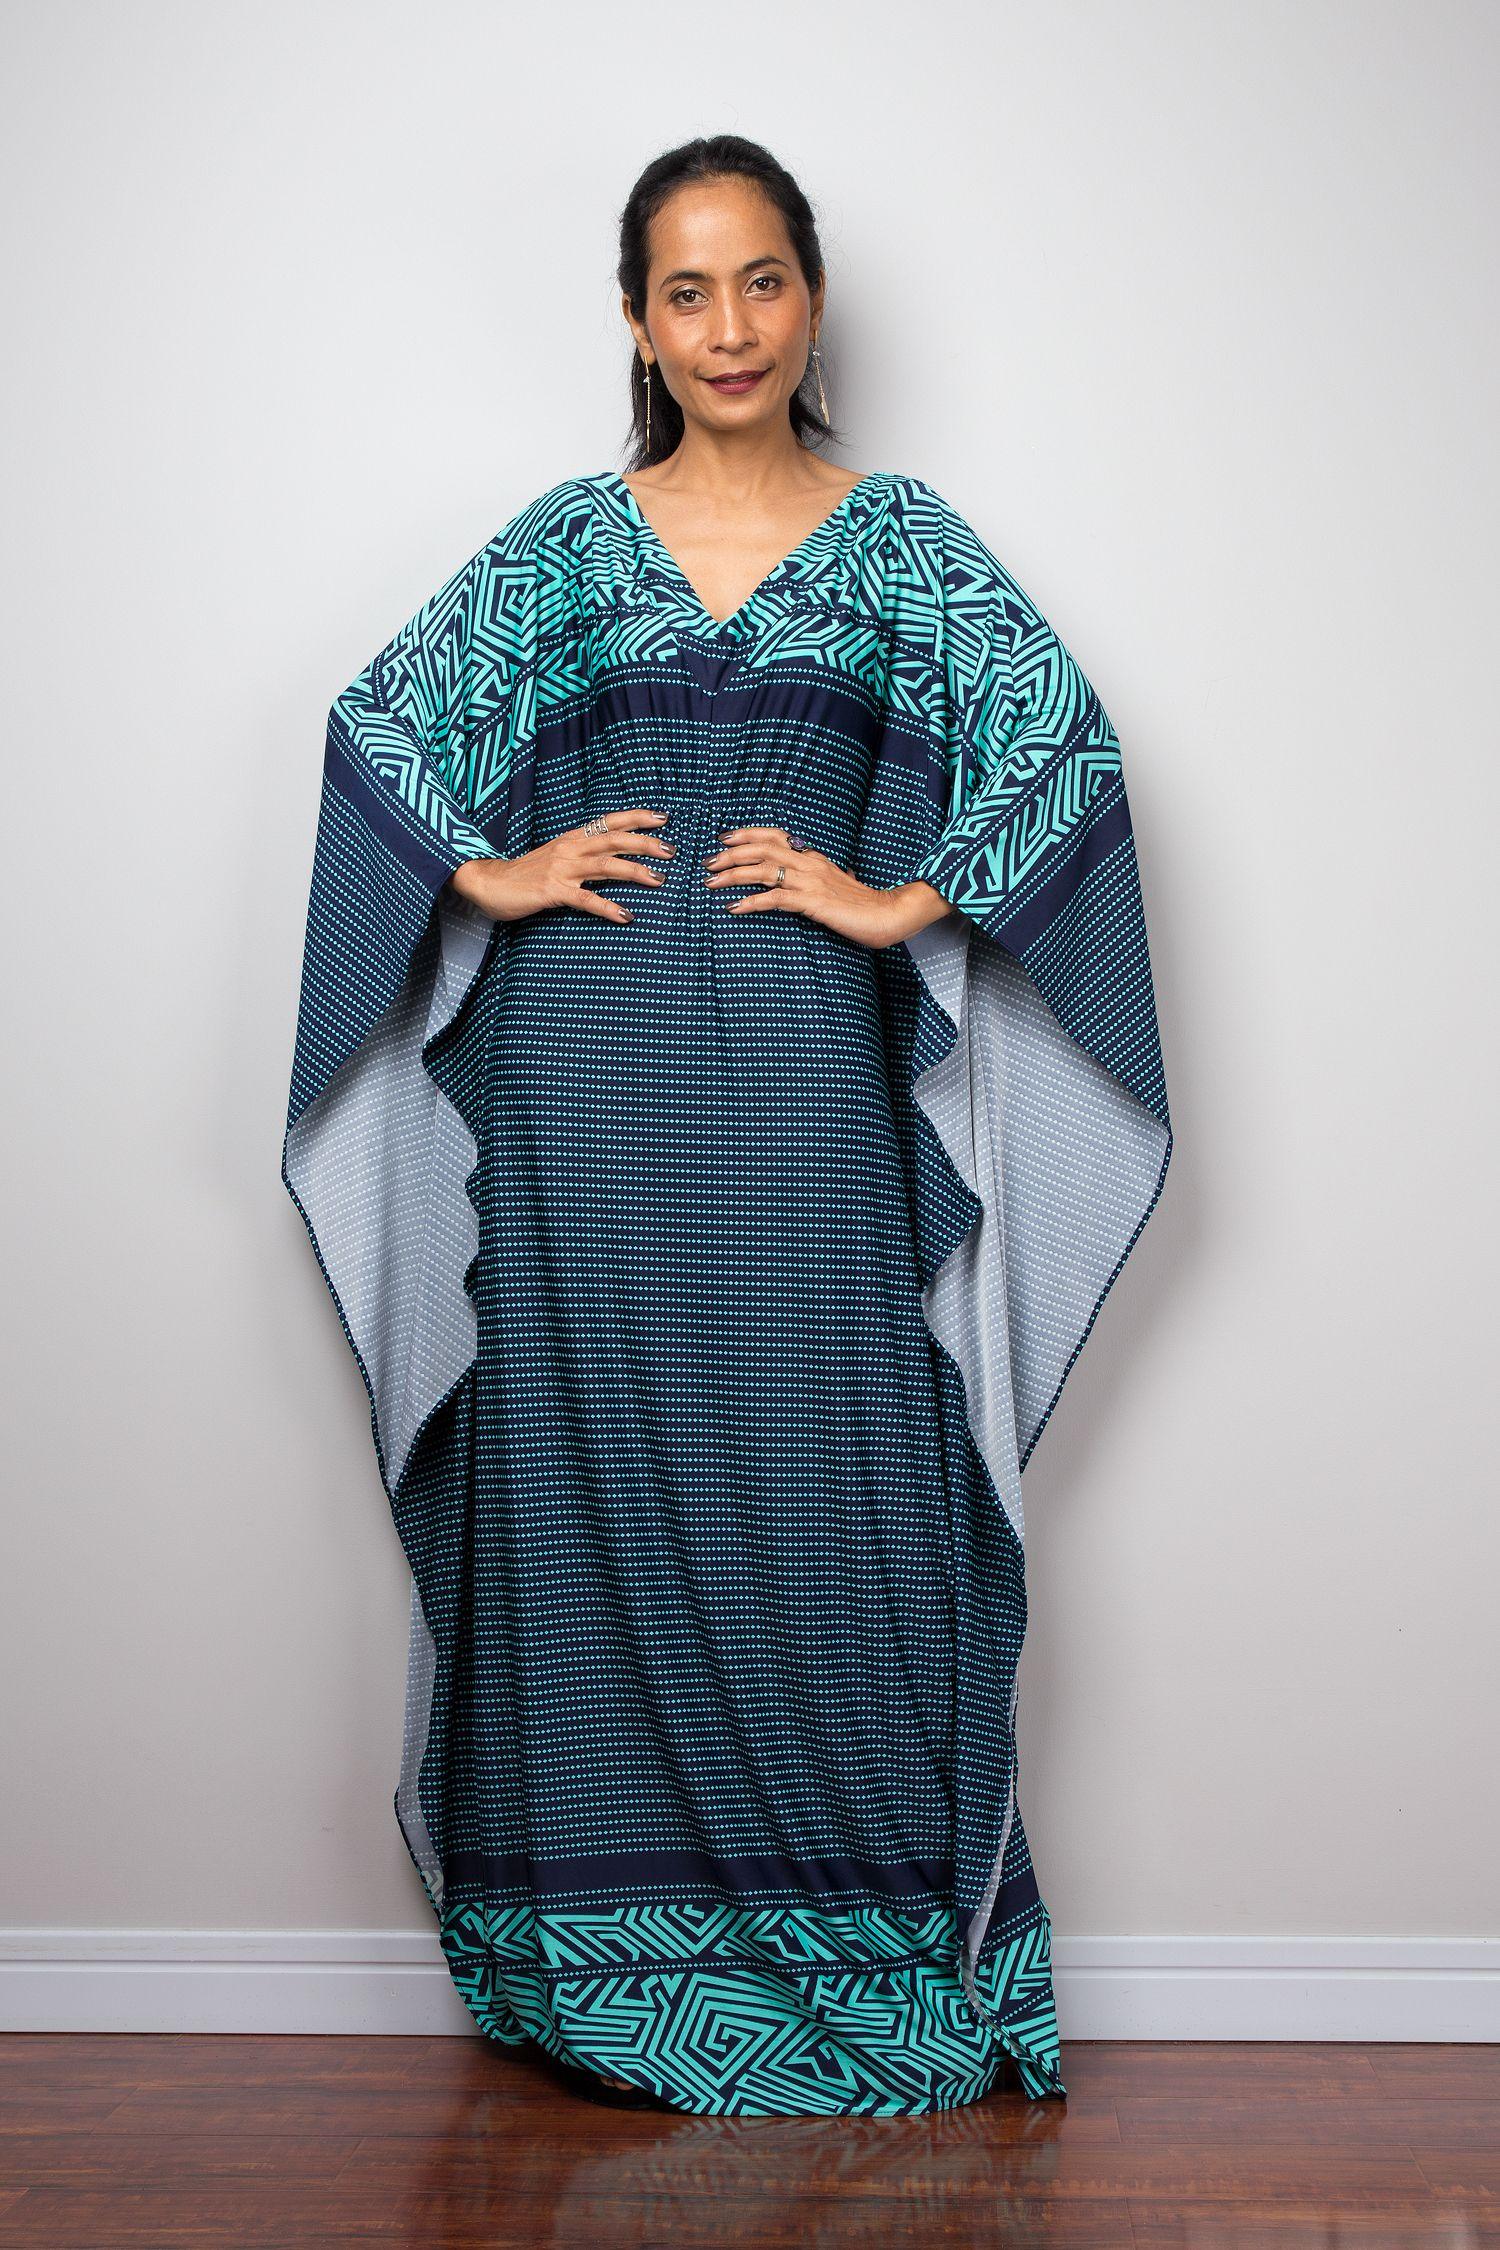 590f0fc0b6291 Blue Kaftan Dress - Oversized Frock Dress - Loose fit Maxi Dress in ...